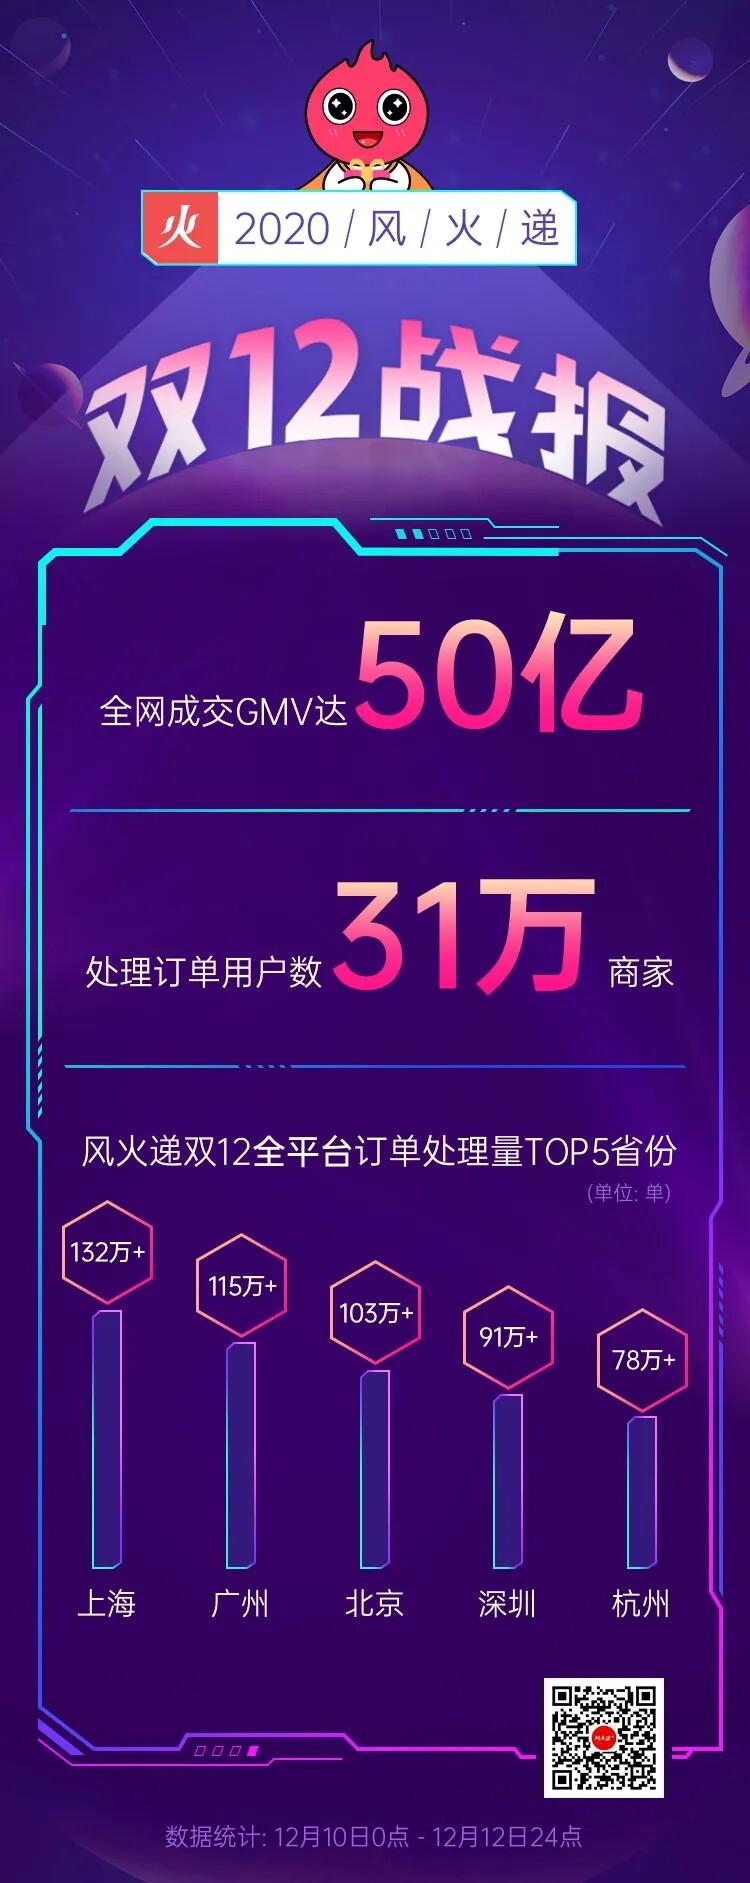 风火递双12:处理订单量达1974万单,全网成交GMV达50亿_B2B_电商报